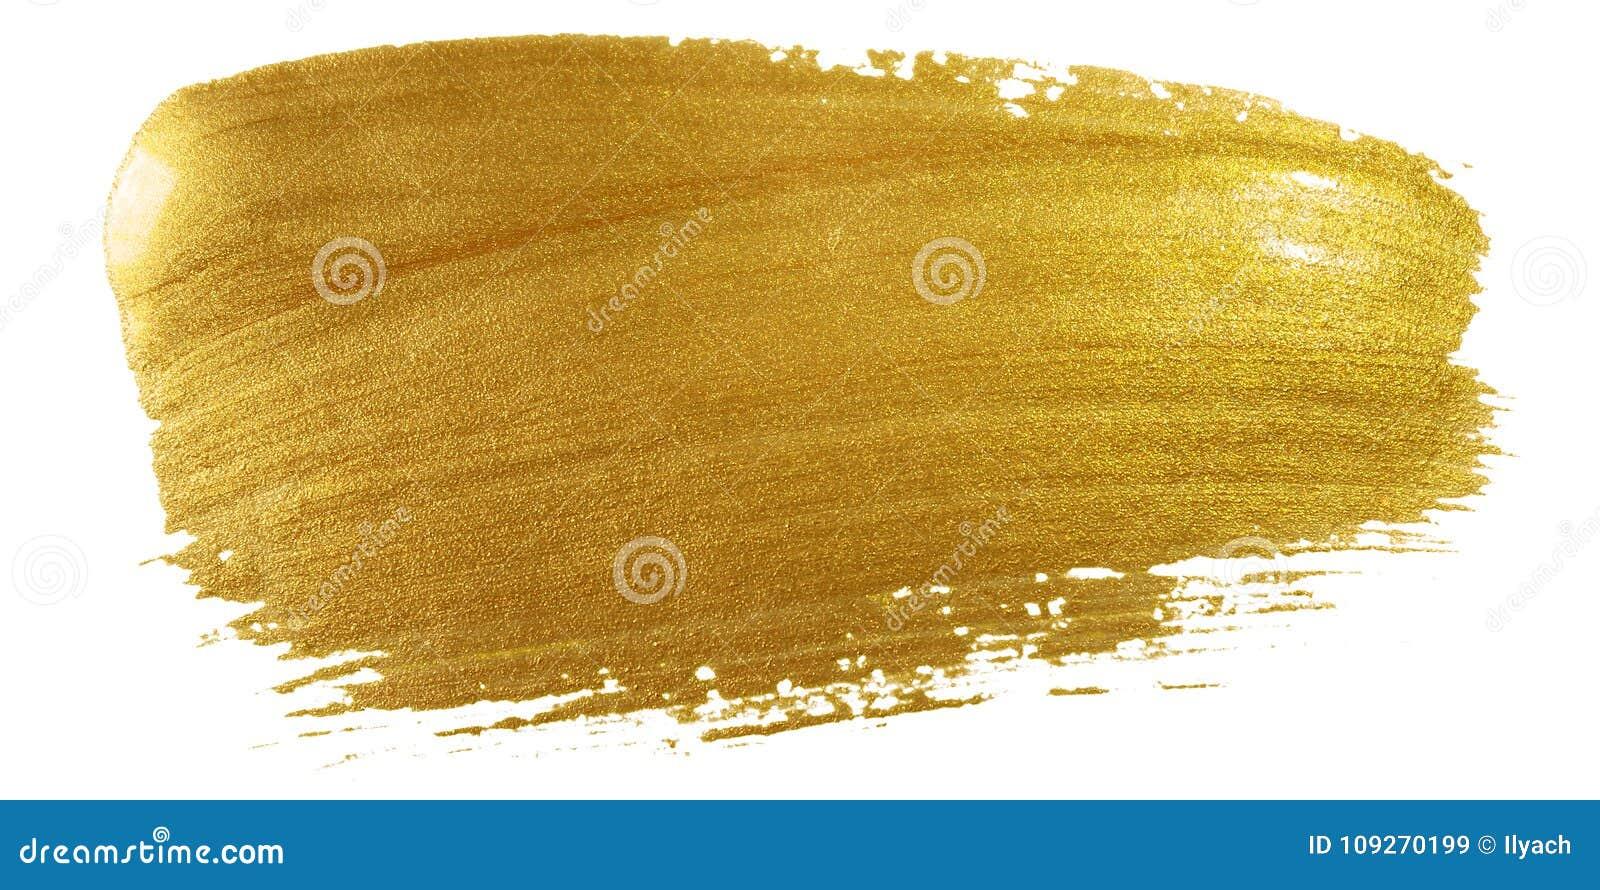 金子颜色画笔冲程 在白色背景的大金黄污迹污点背景 抽象详细的金子闪烁织地不很细弄湿了